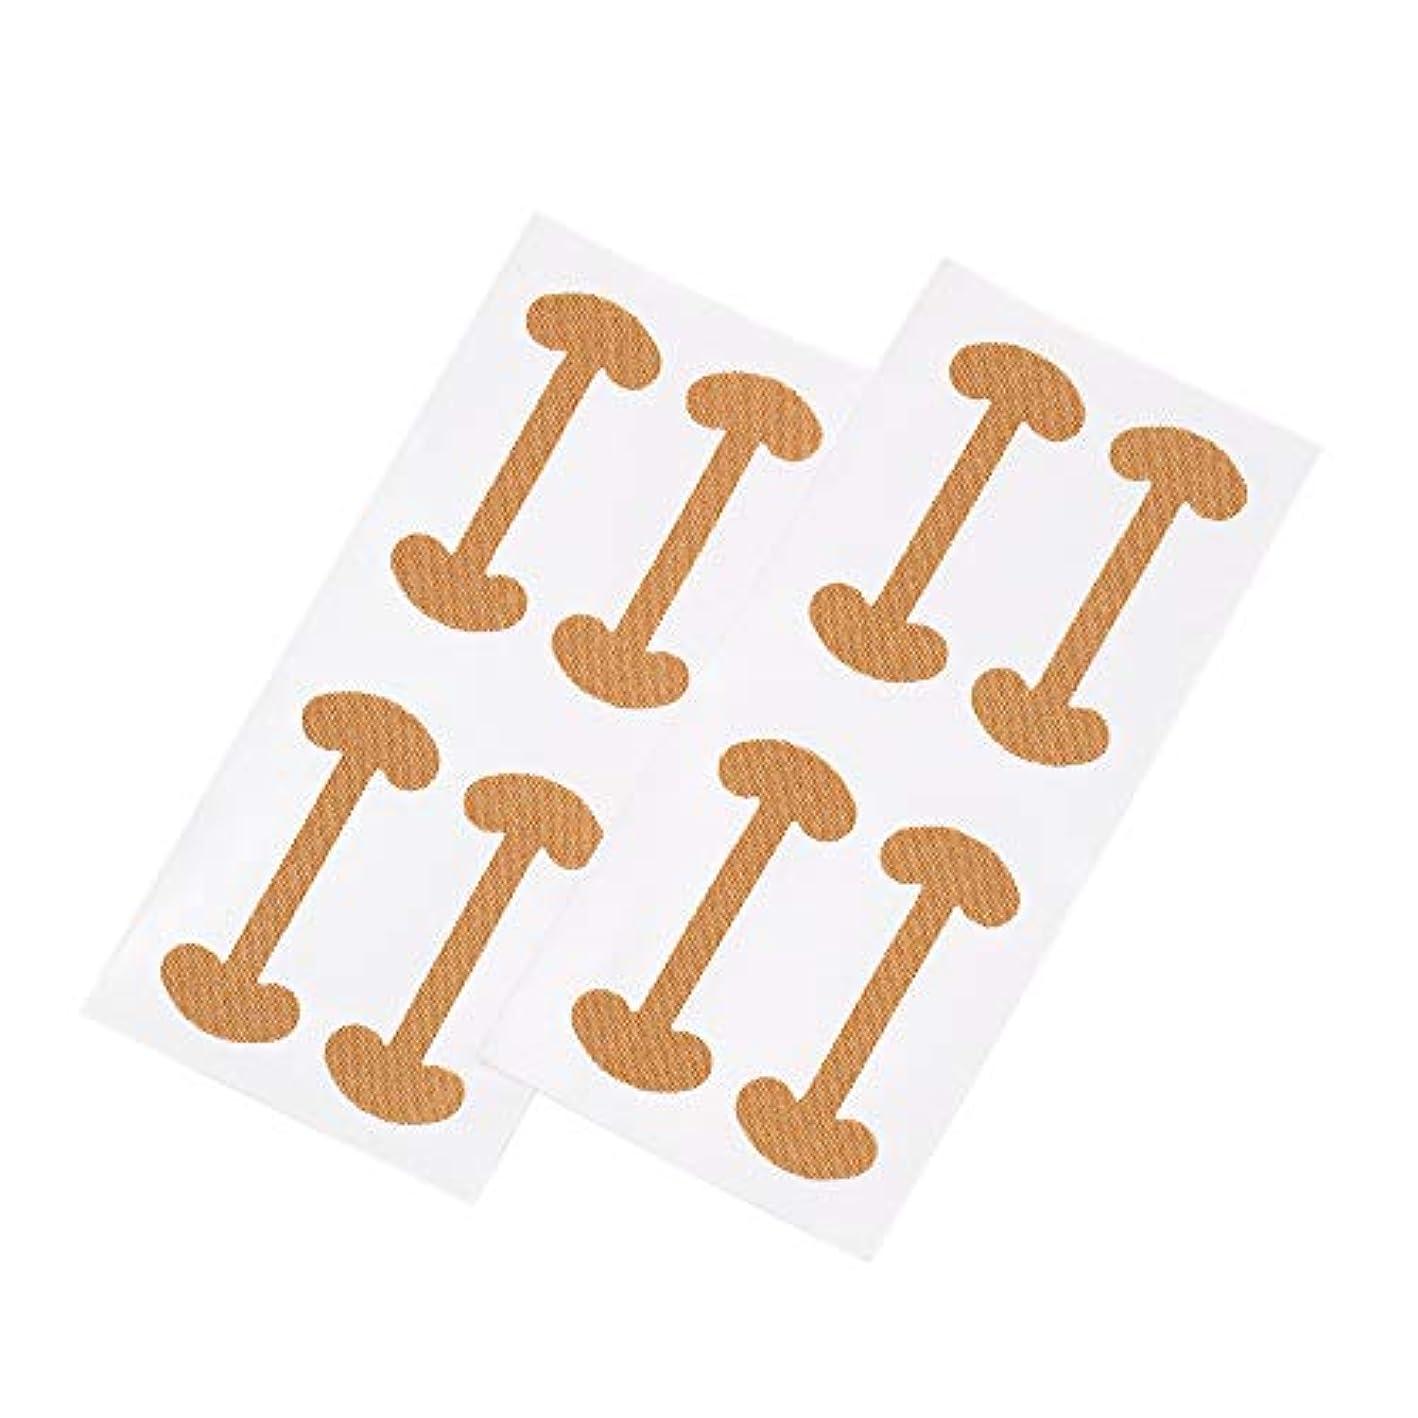 モデレータ包囲シネマDecdeal 8ピース 巻き爪 ケアテープ まきずめ 矯正 巻きヅメ 矯正 爪の治療 爪の矯正パッチ 爪リフタ